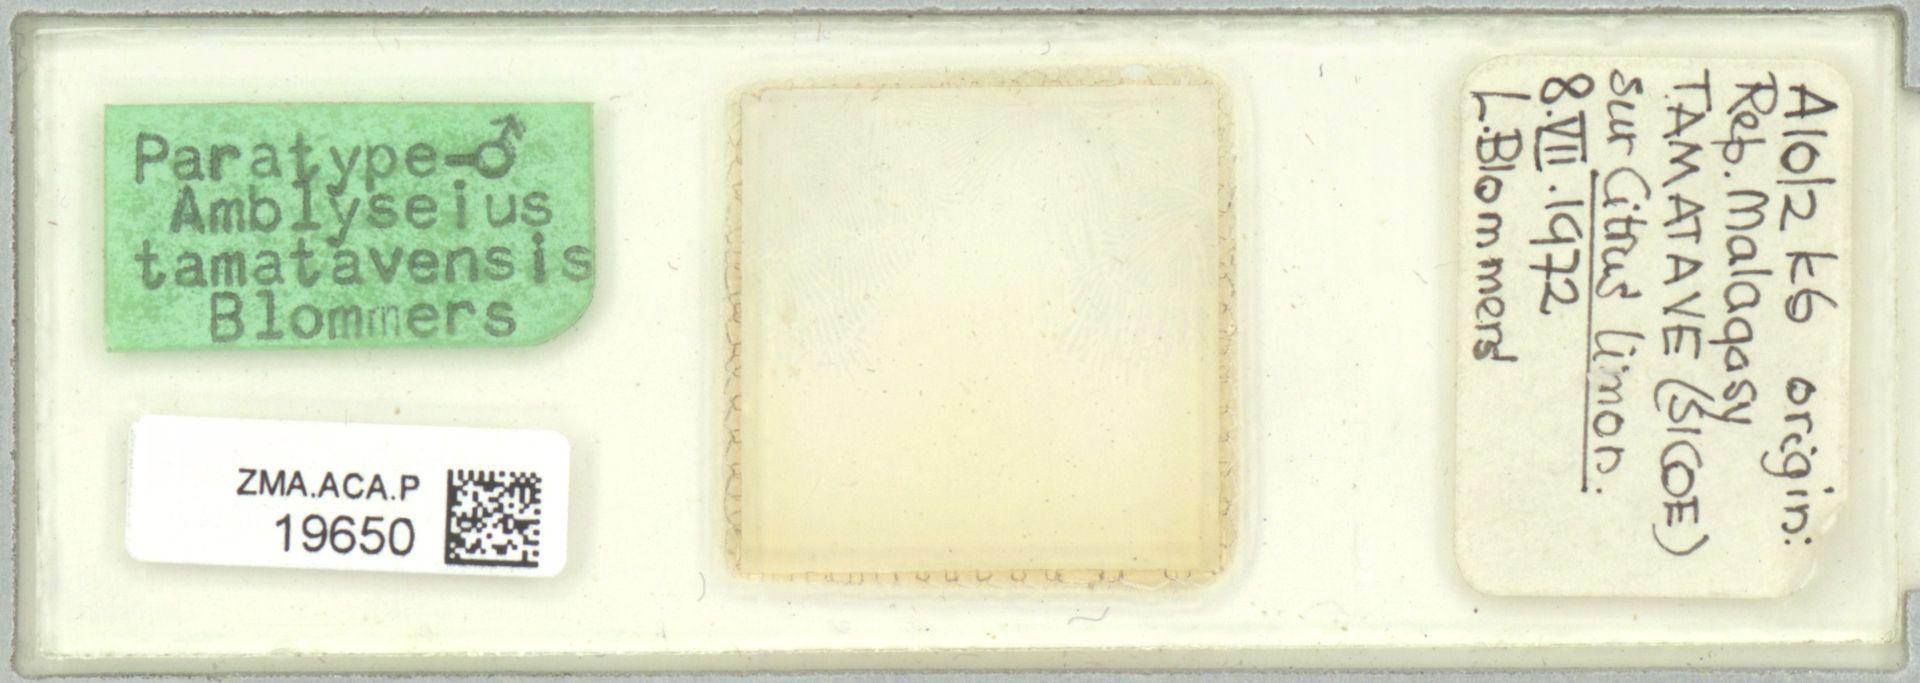 ZMA.ACA.P.19650   Amblyseius (Amblyseius) tamatavensis Blommers